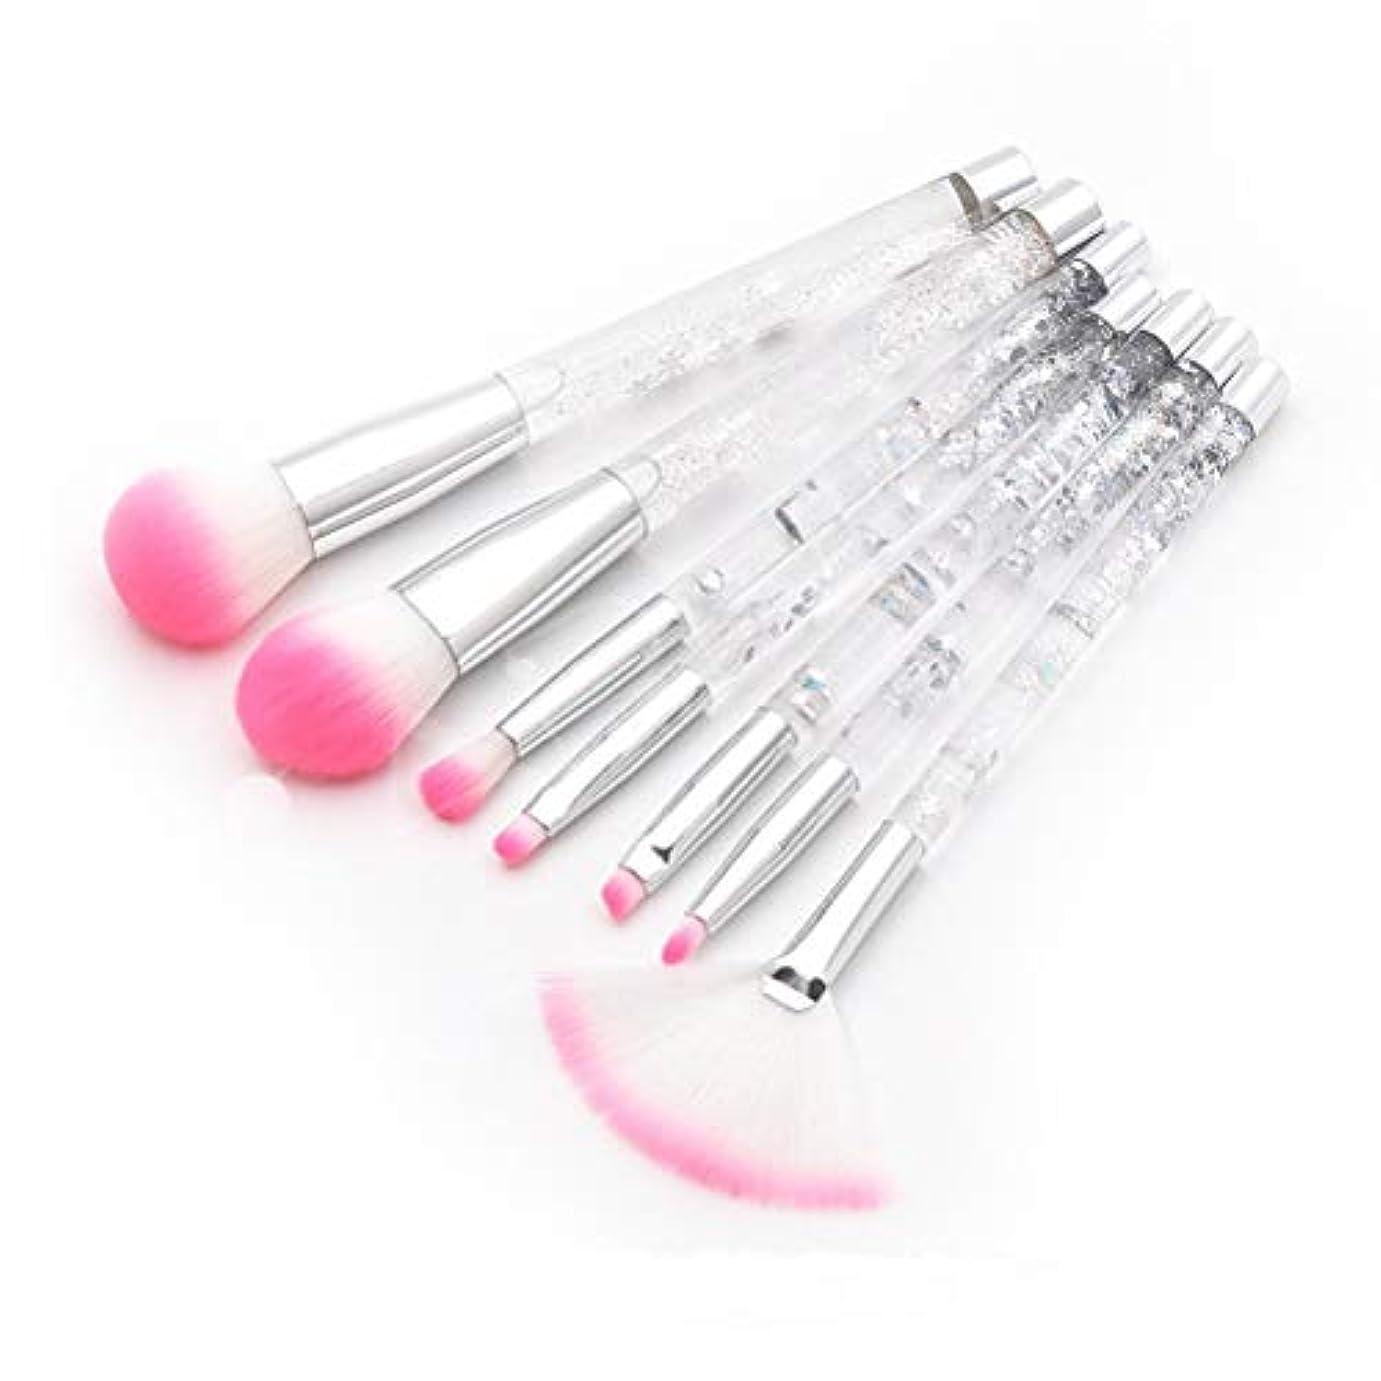 お金事実上ほのめかすLSHJP 化粧ブラシ 7個セット 化粧道具 レディース ビューティー きれいめ 簡単 カジュアル 便利 お出かけ 高品質 (Color : SilverWhite, Size : ワンサイズ)